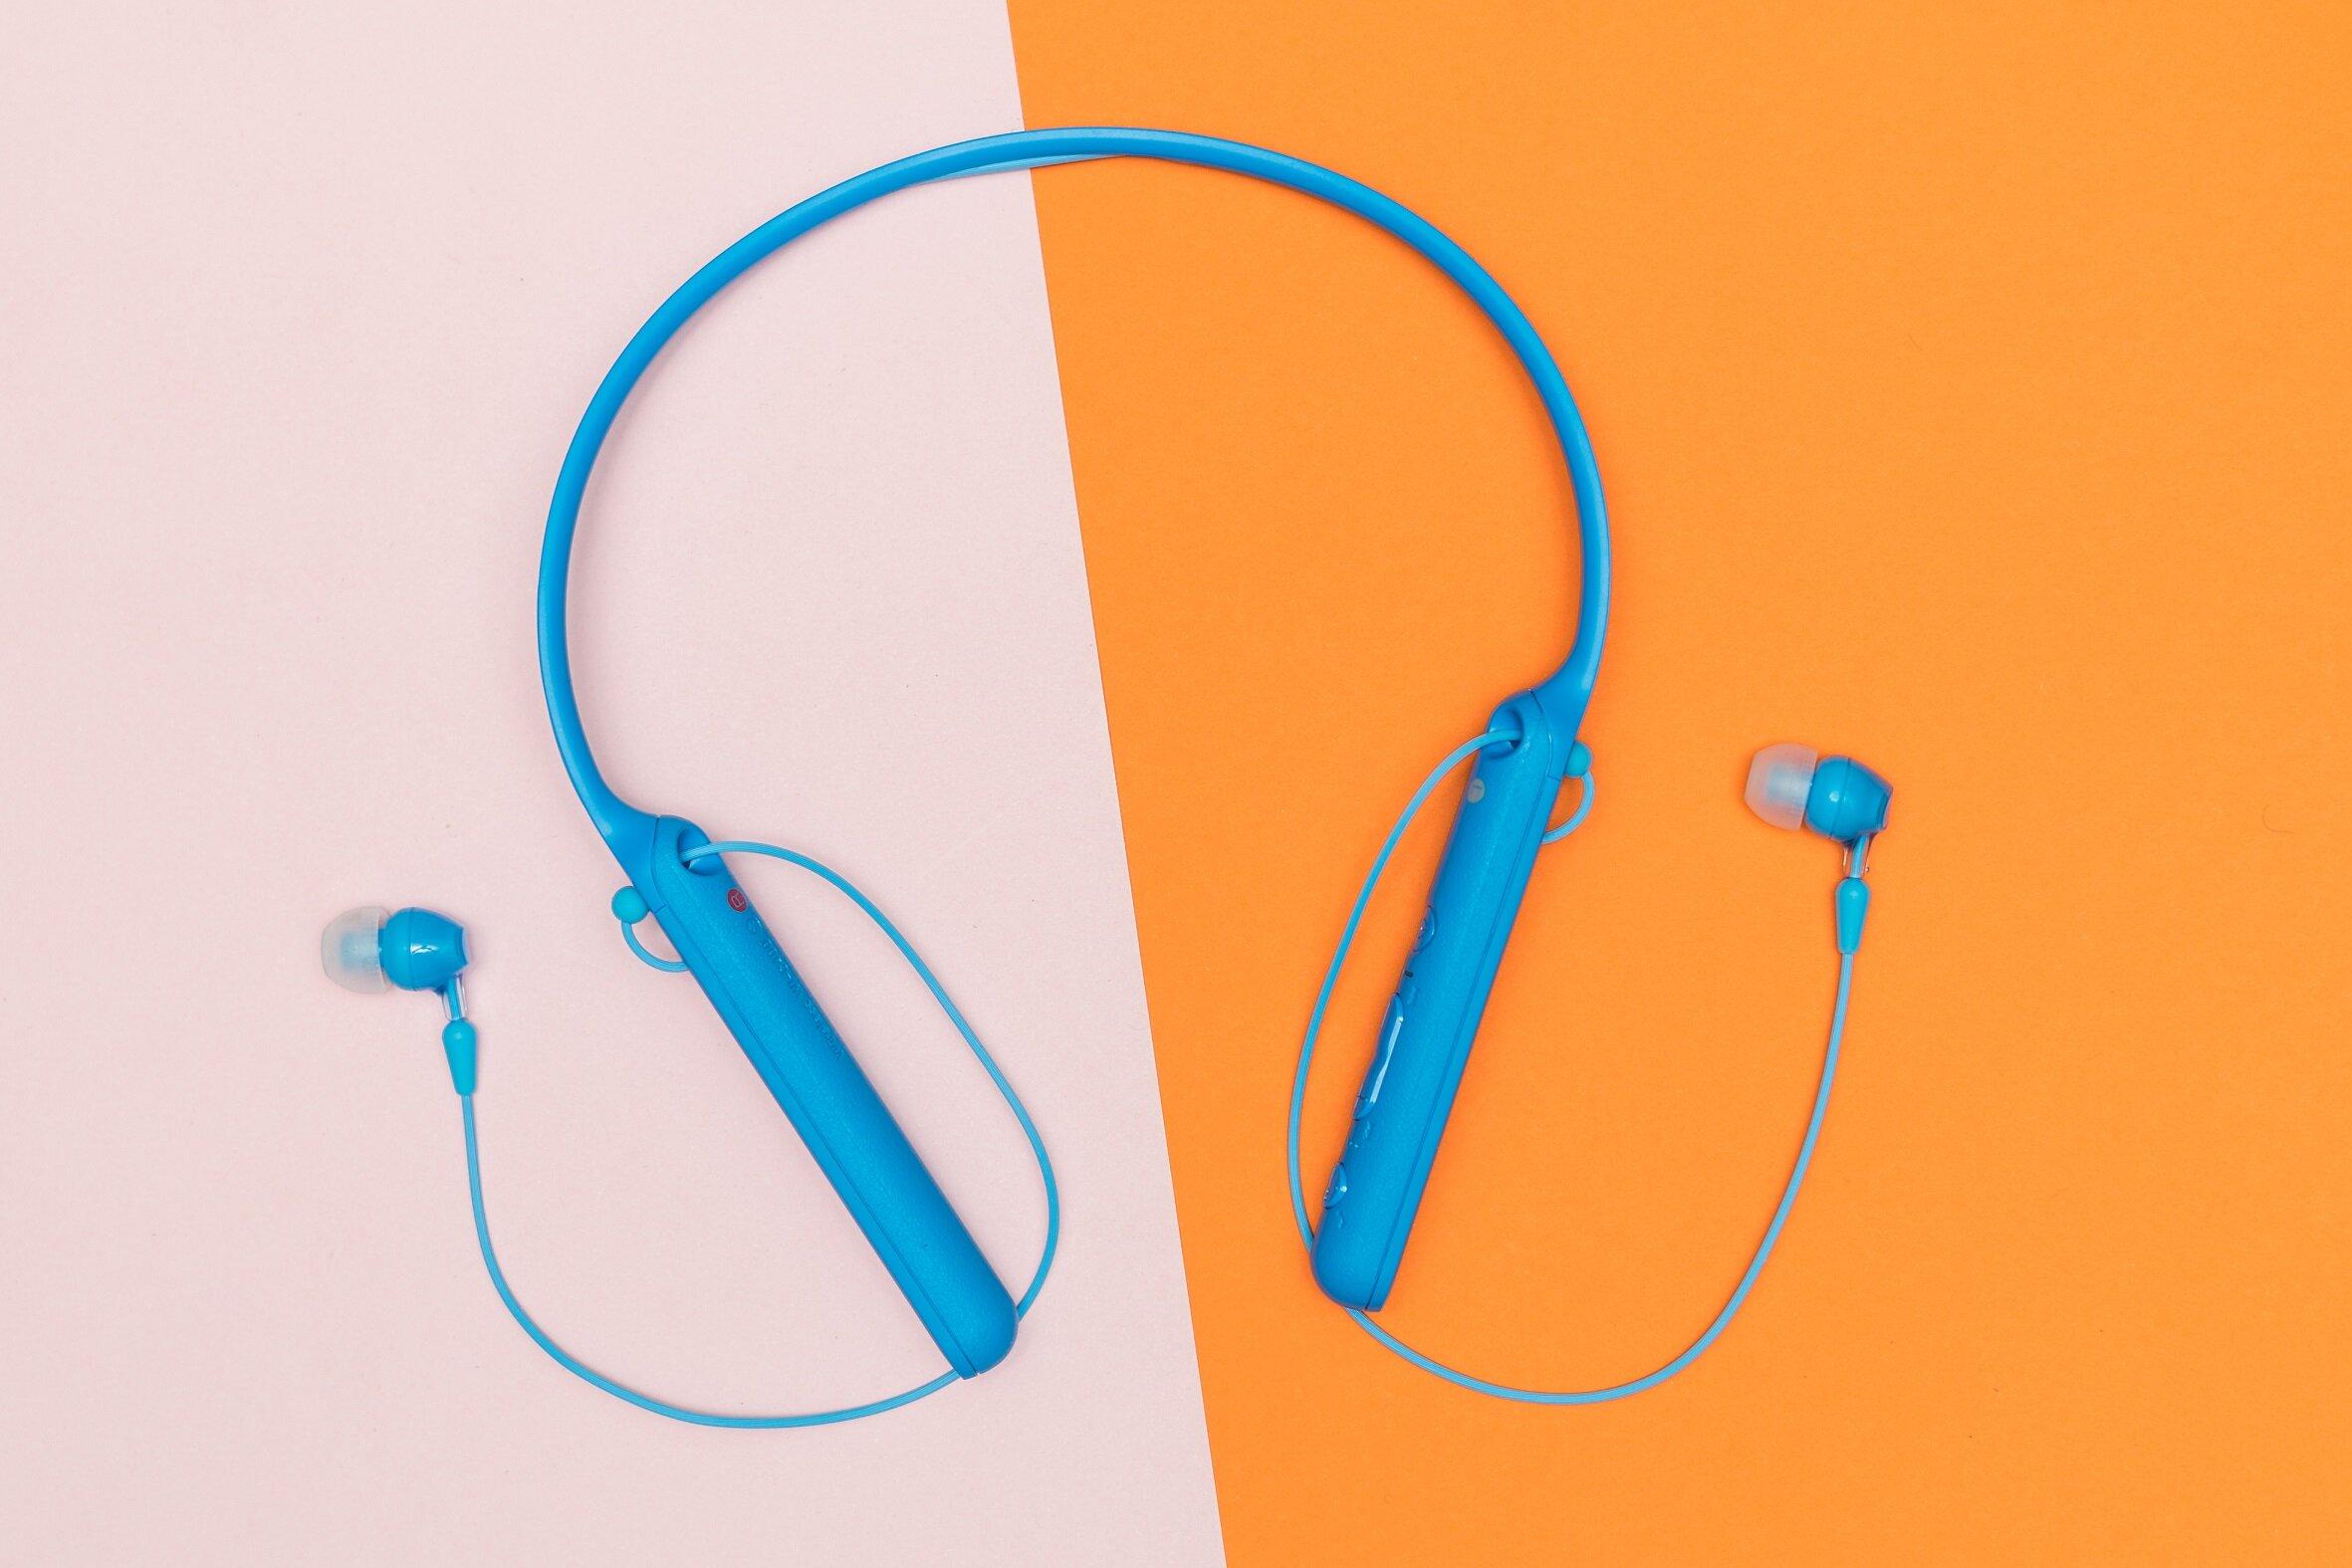 Tai nghe Sony Wi C4000 Wireless có mức giá 1.490.000 đồng